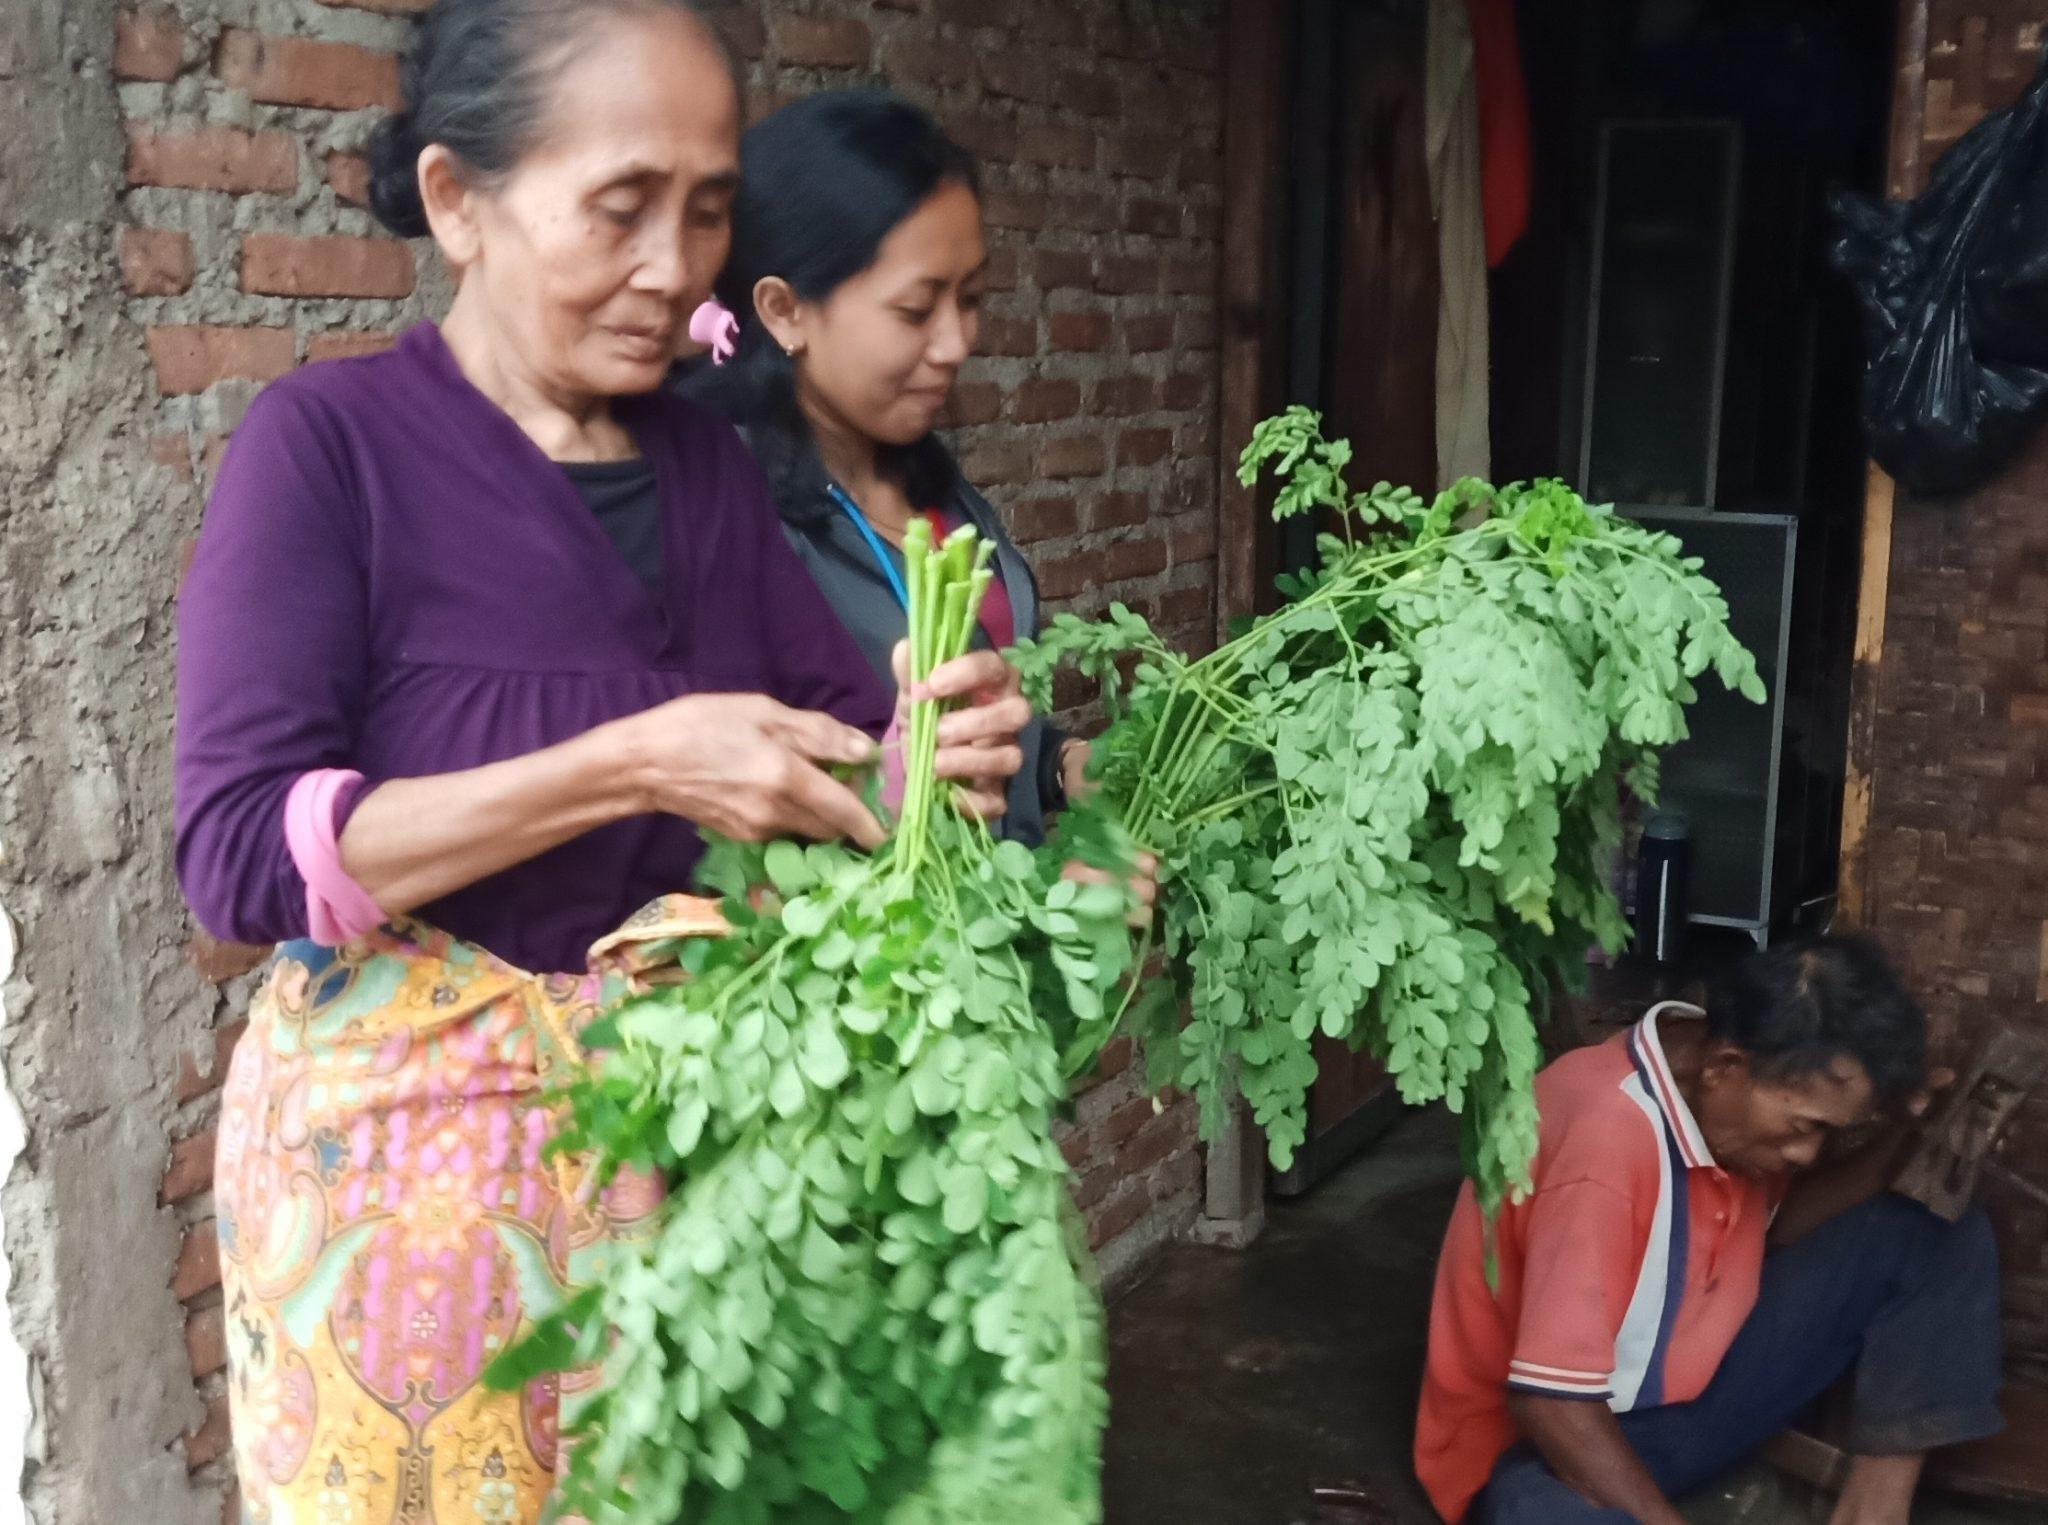 masakan sayur gizi kelor odesa indonesia bandung